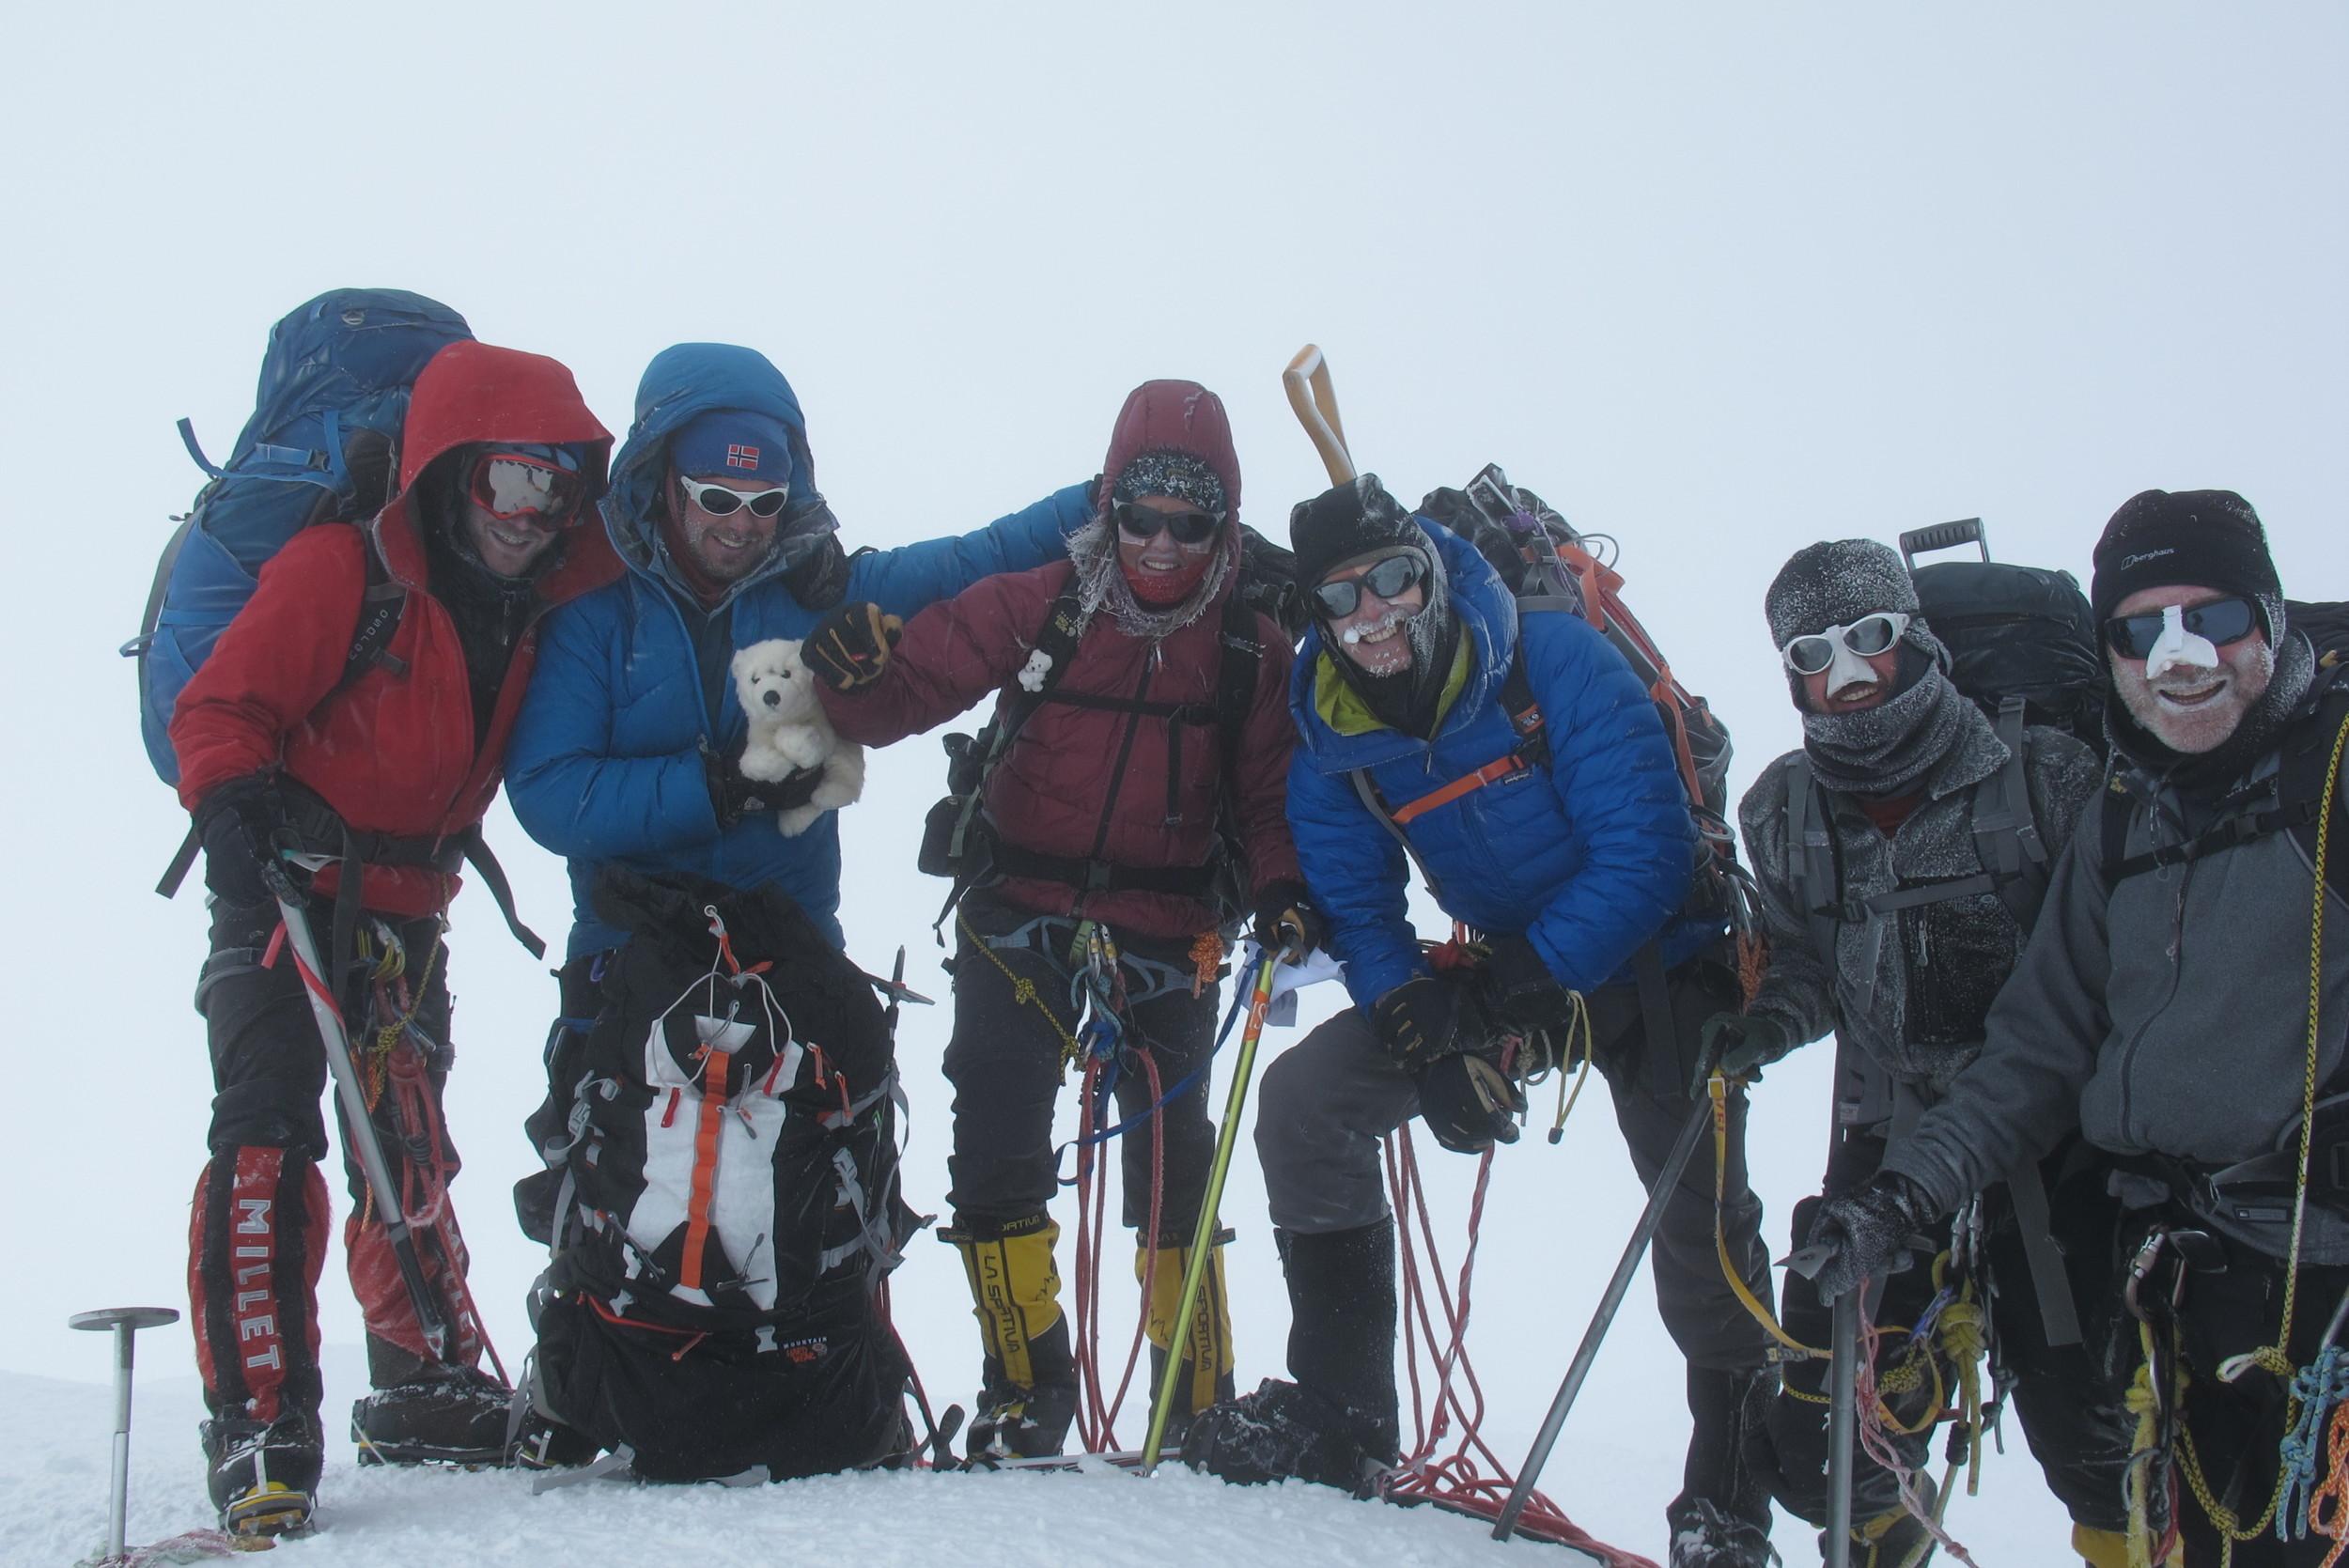 Group shot at the summit!